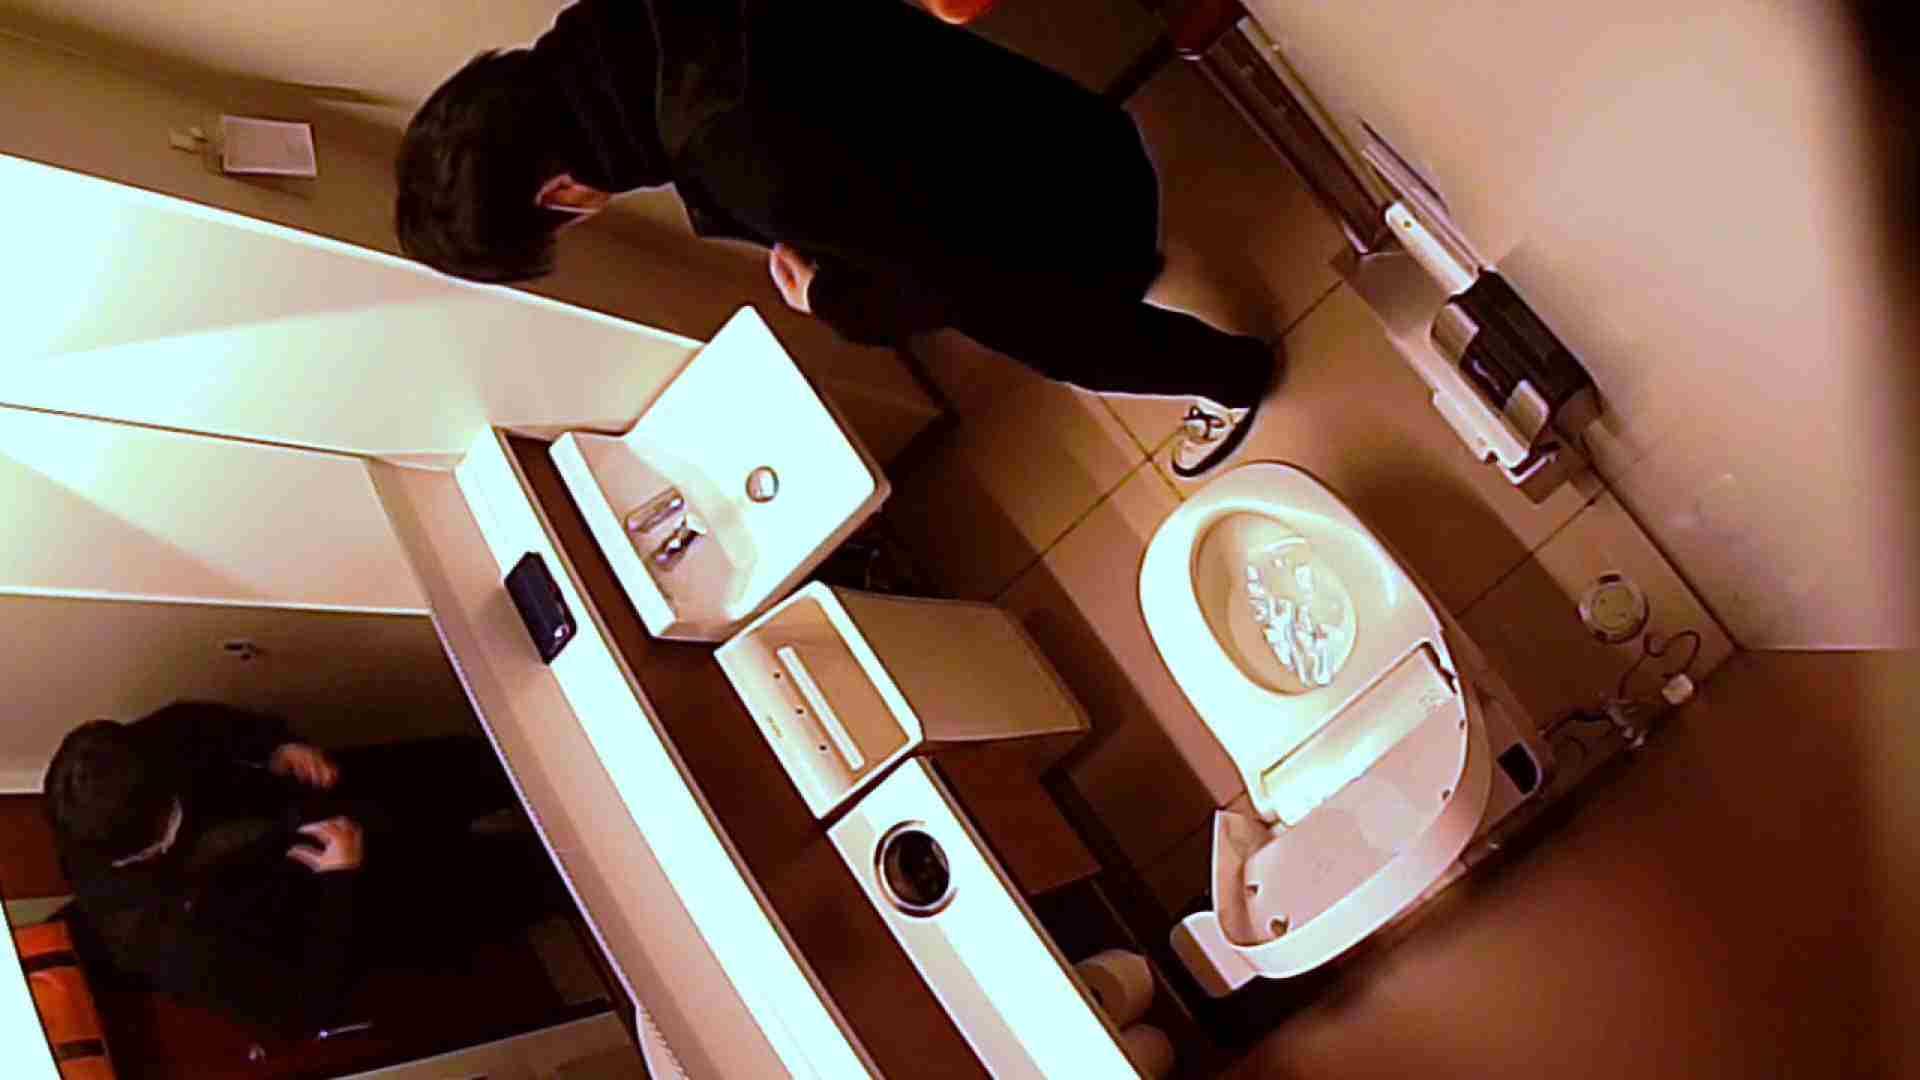 イケメンの素顔in洗面所 Vol.03 丸見え動画 | ボーイズうんこ  107pic 23